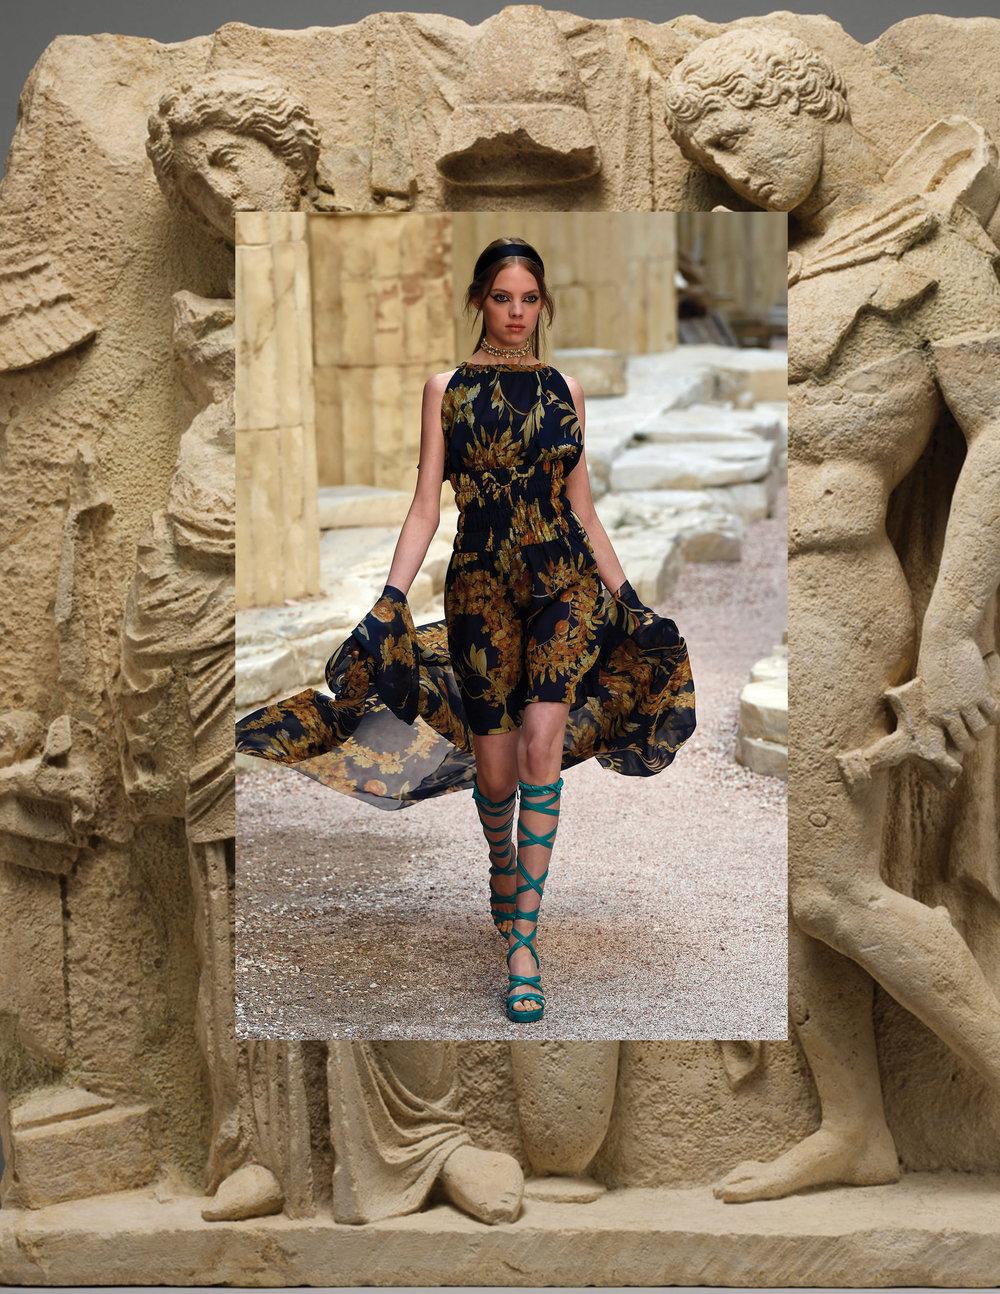 Mariana Zaragoza, Modelo Mexicana @PARAGON MODEL MANAGEMENT.